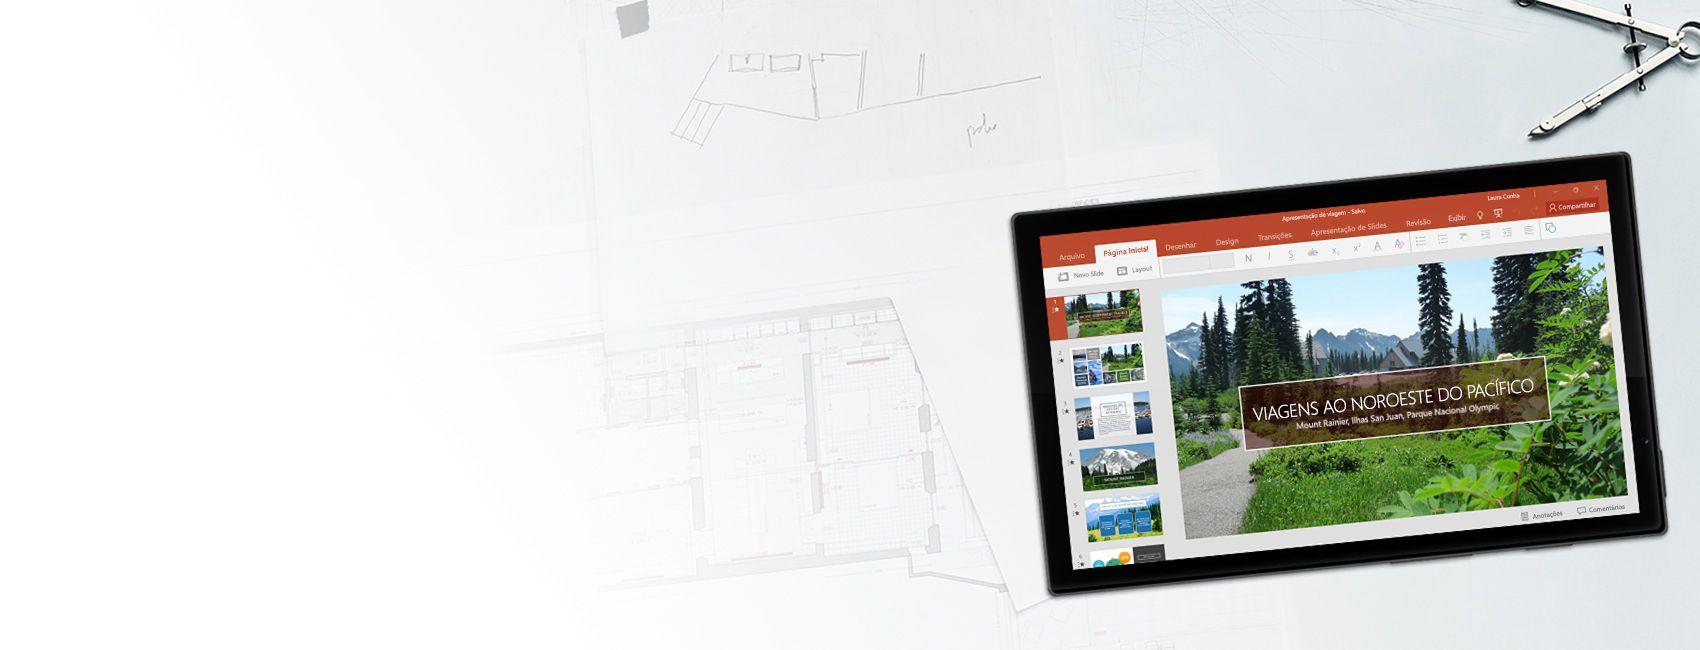 Tablet Windows mostrando uma apresentação do PowerPoint sobre viagens pelo Noroeste Pacífico no PowerPoint para Windows 10 Mobile